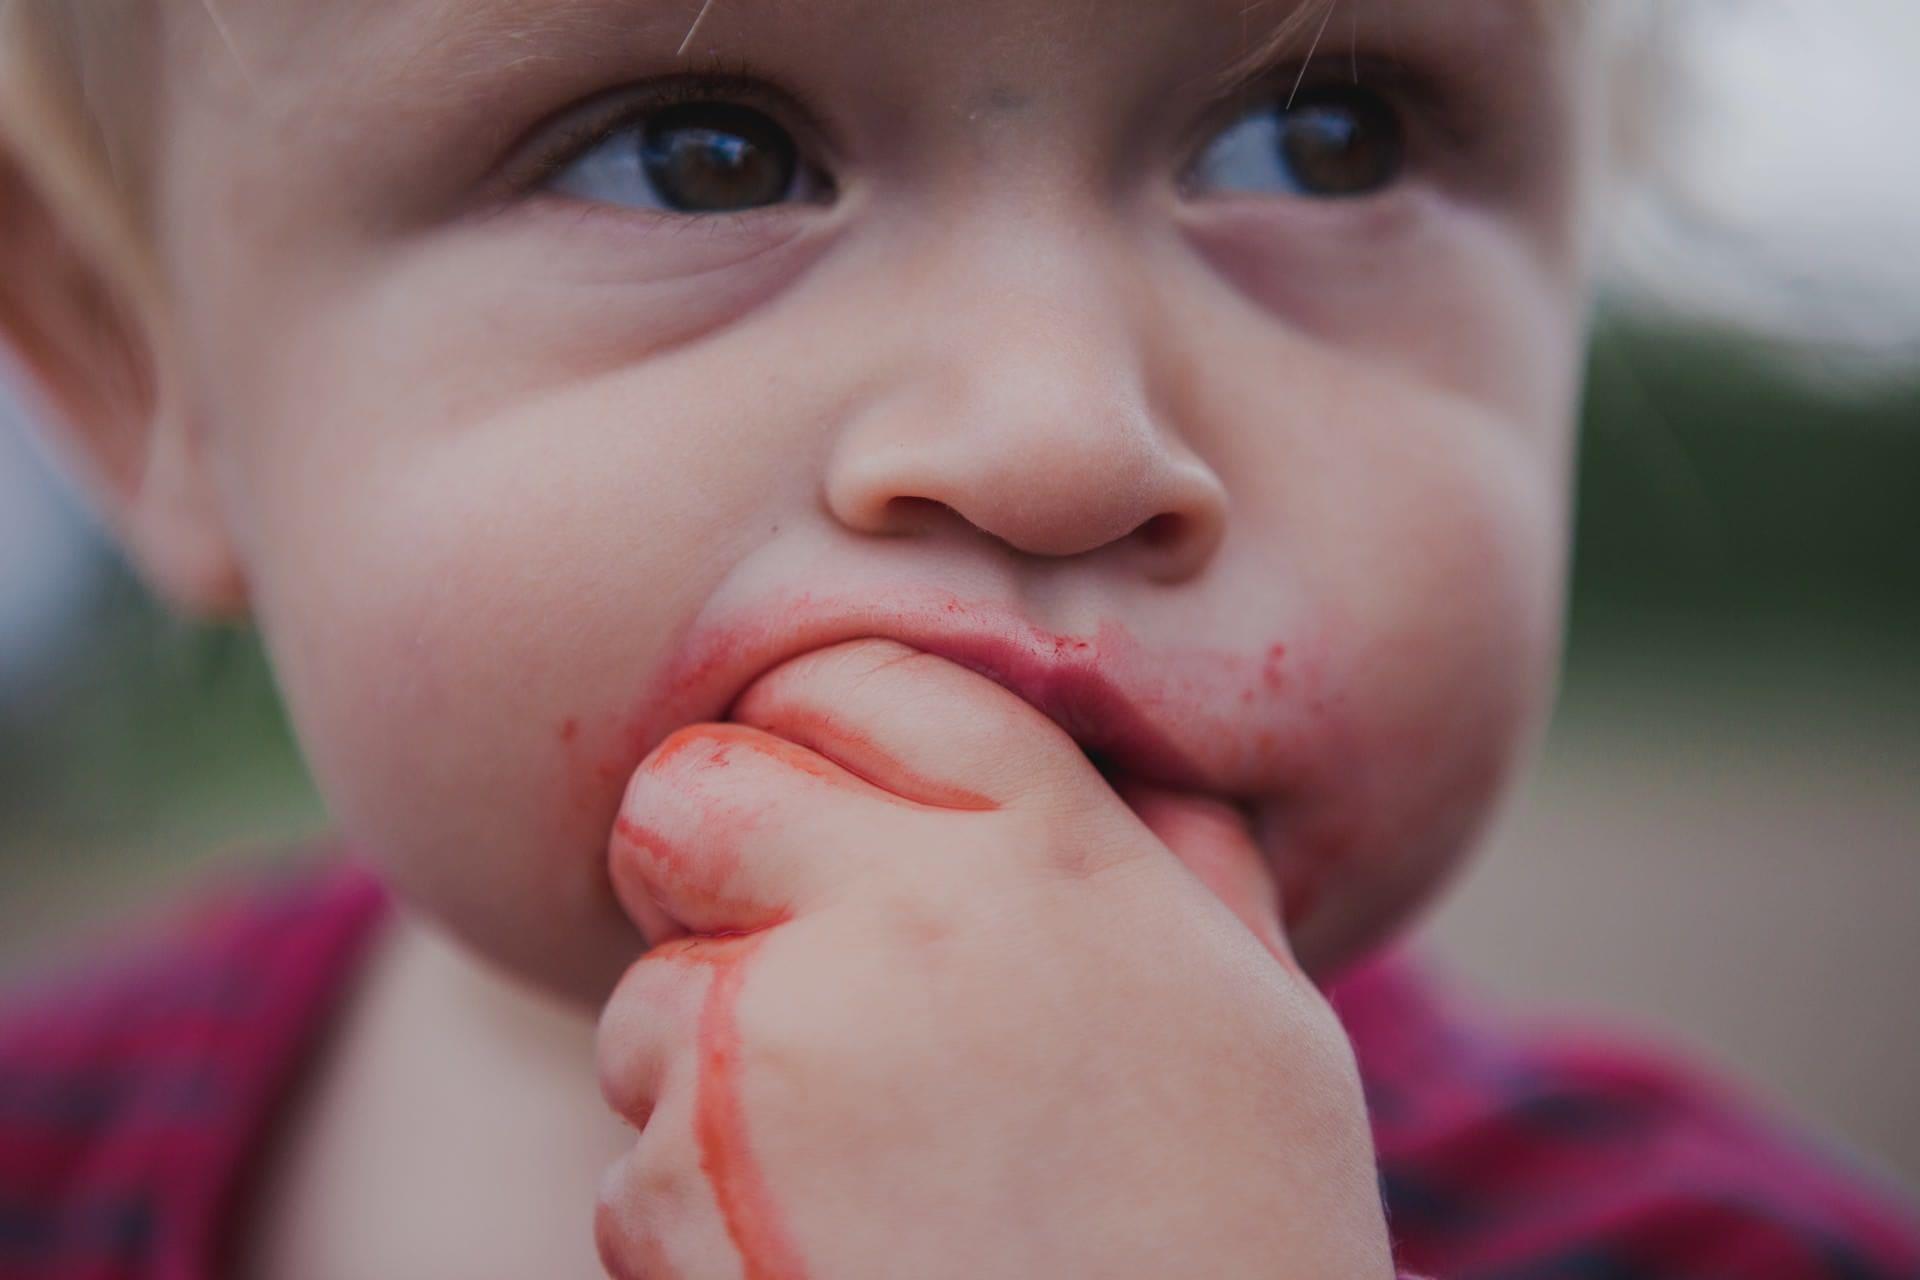 baby-eating-berries